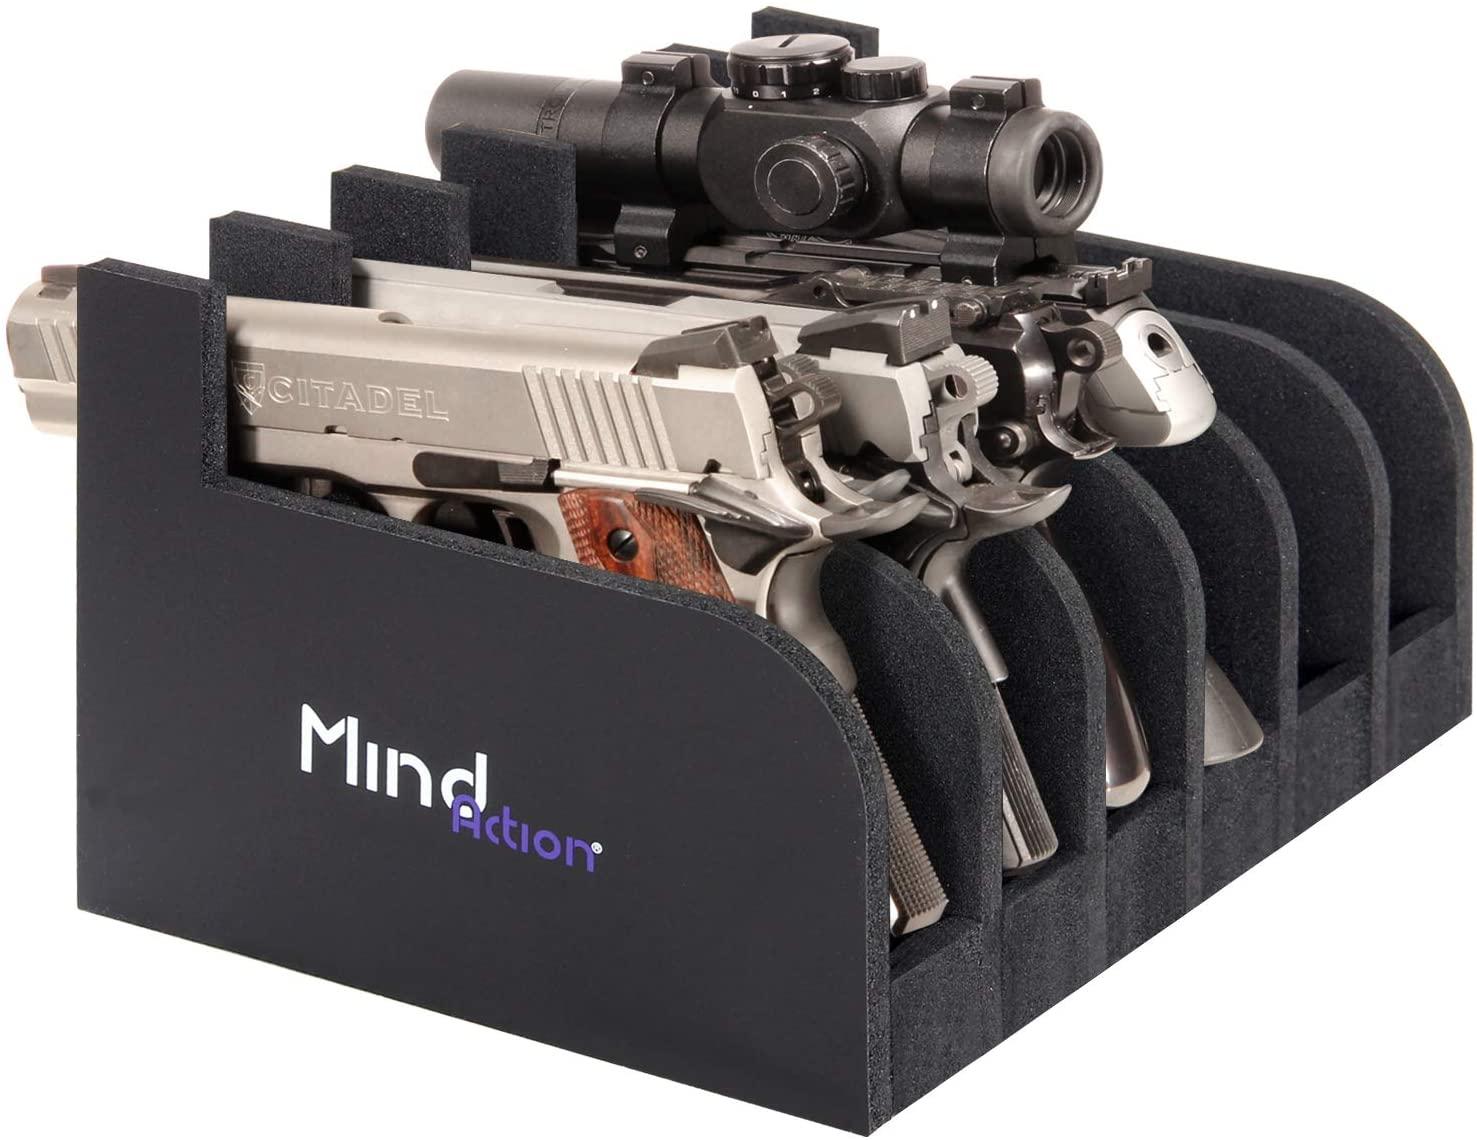 마음과 액션 폼 권총 랙 권총 홀더 총 안전 총 캐비닛 액세서리 1 최대 6 총기(검정)에서 사용자 정의 총 저장)